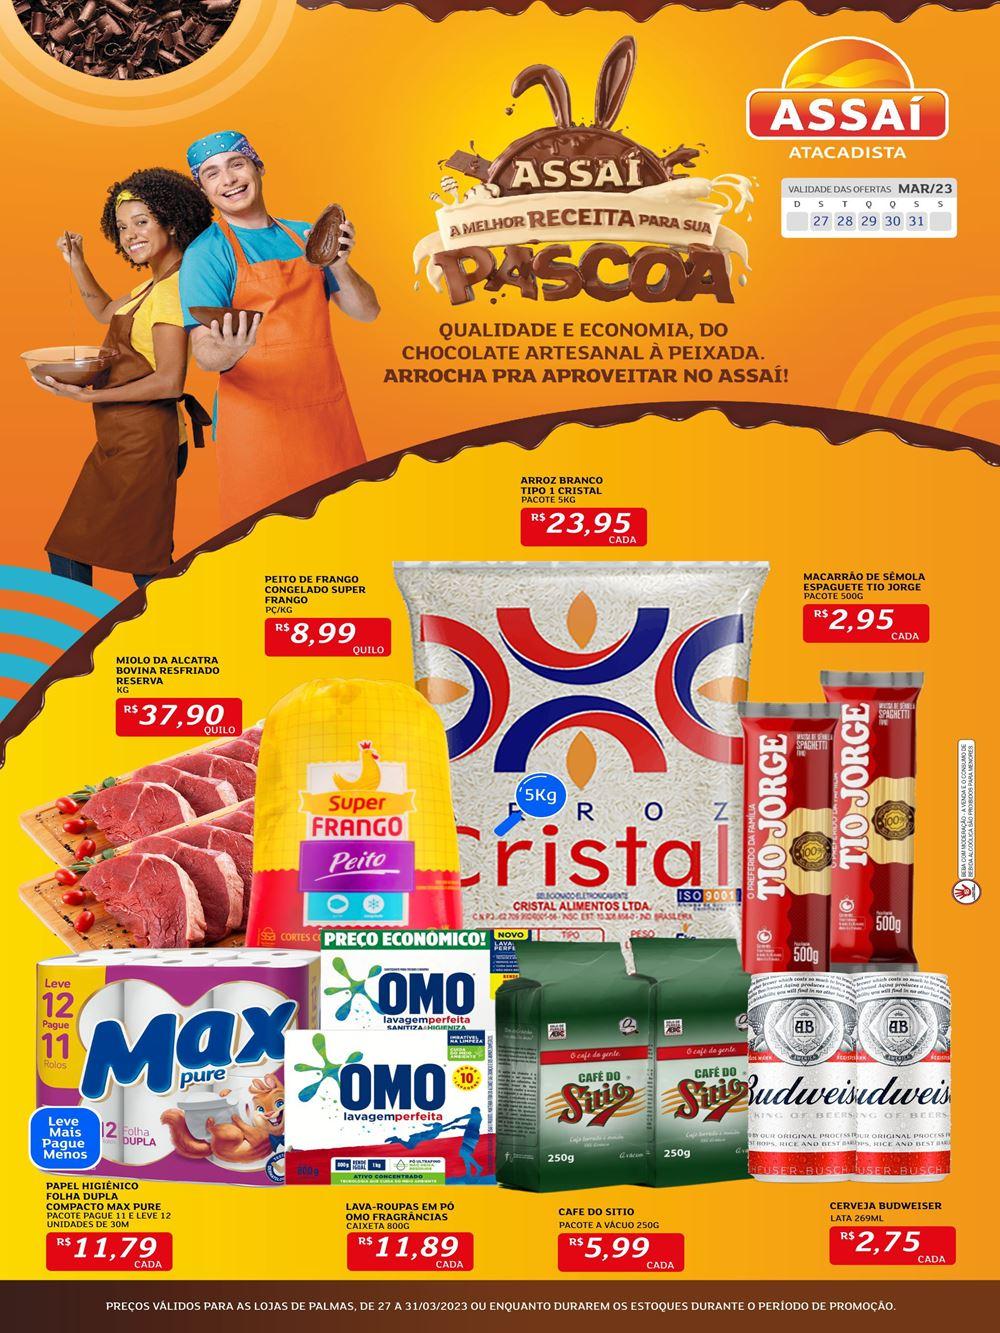 assai-ofertas-descontos-hoje5-21 Piauí